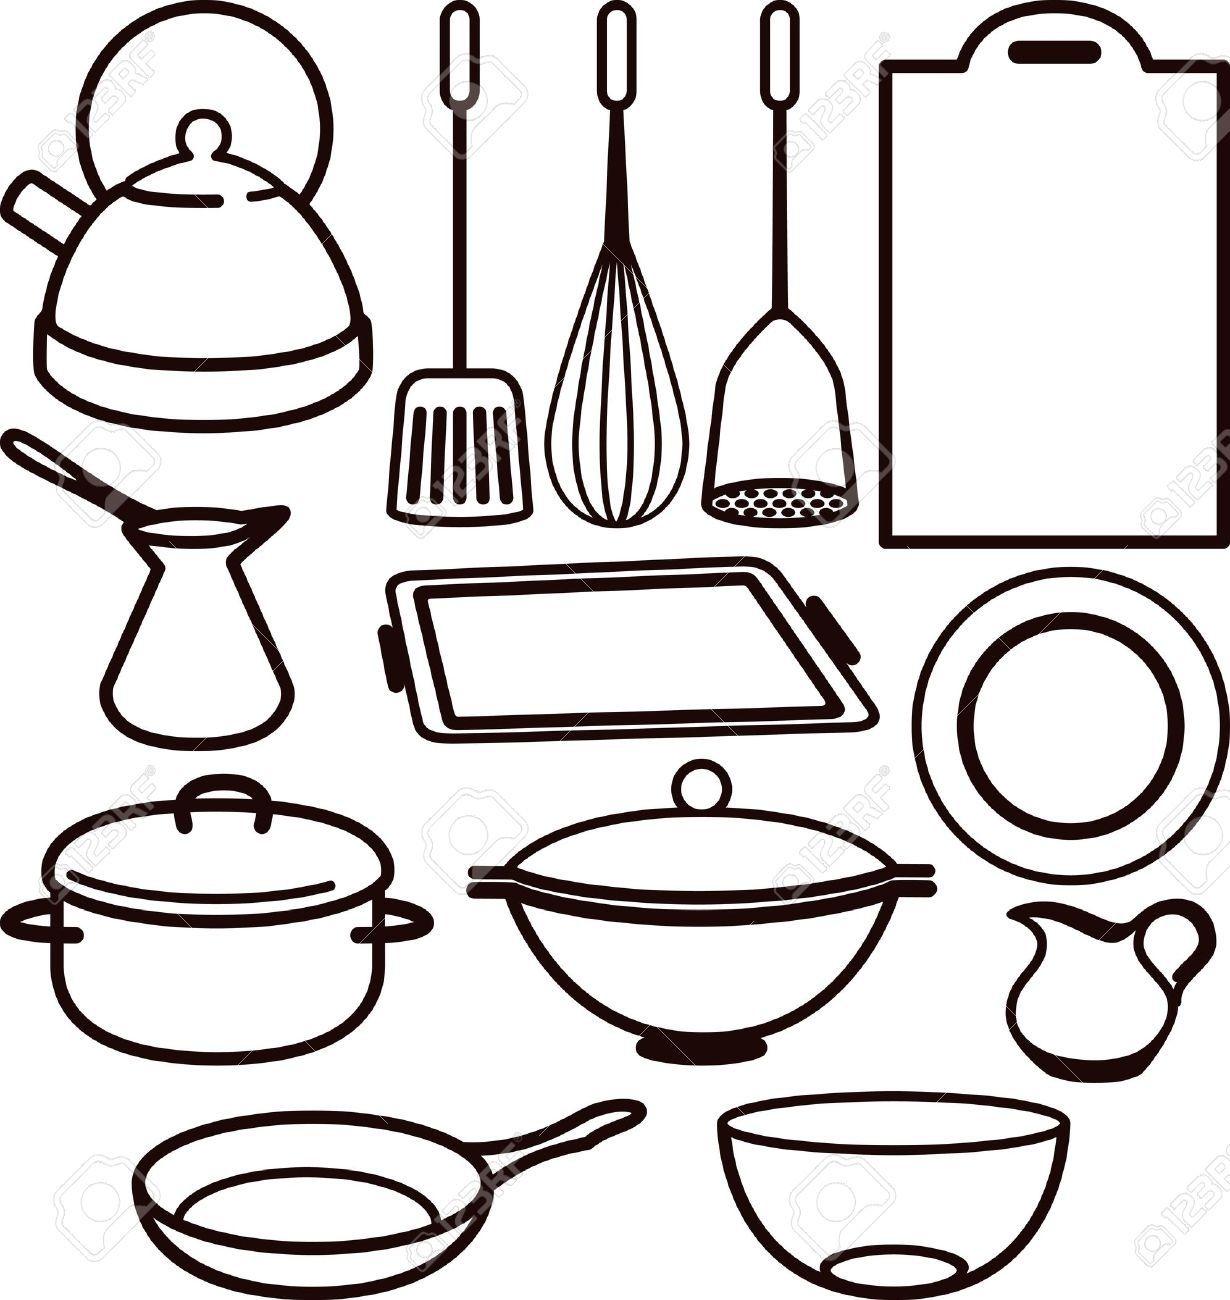 1230x1300 Best Of Cooking Utensil Clipart Black R E C I P E B O O K